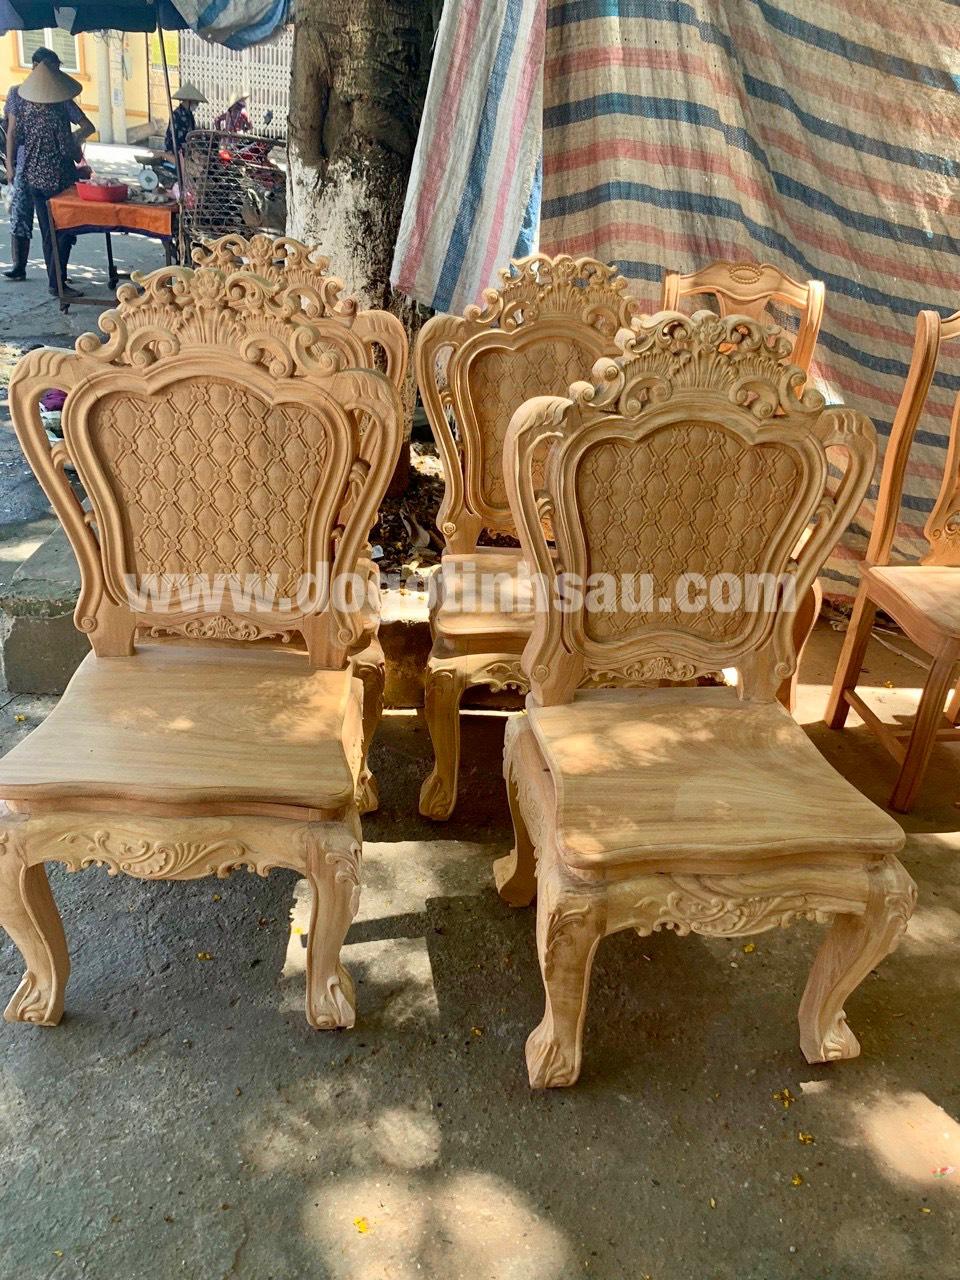 mau ghe an go go do 2 - 5 Lý do để mẫu bàn ghế ăn gỗ gõ đỏ ngày càng được ưa chuộng trên thị trường